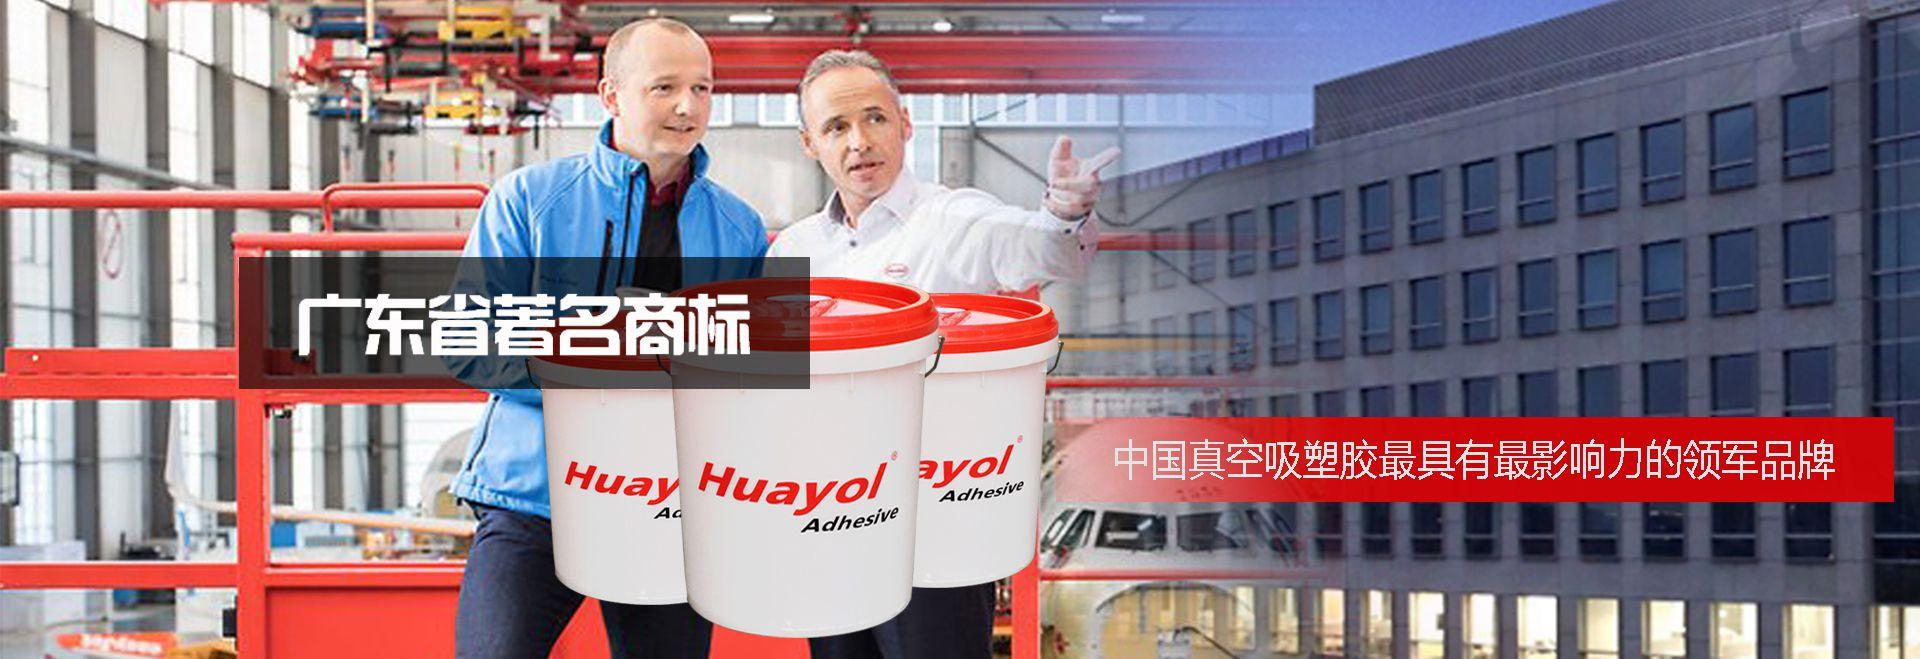 深圳市永利华胶业有限公司